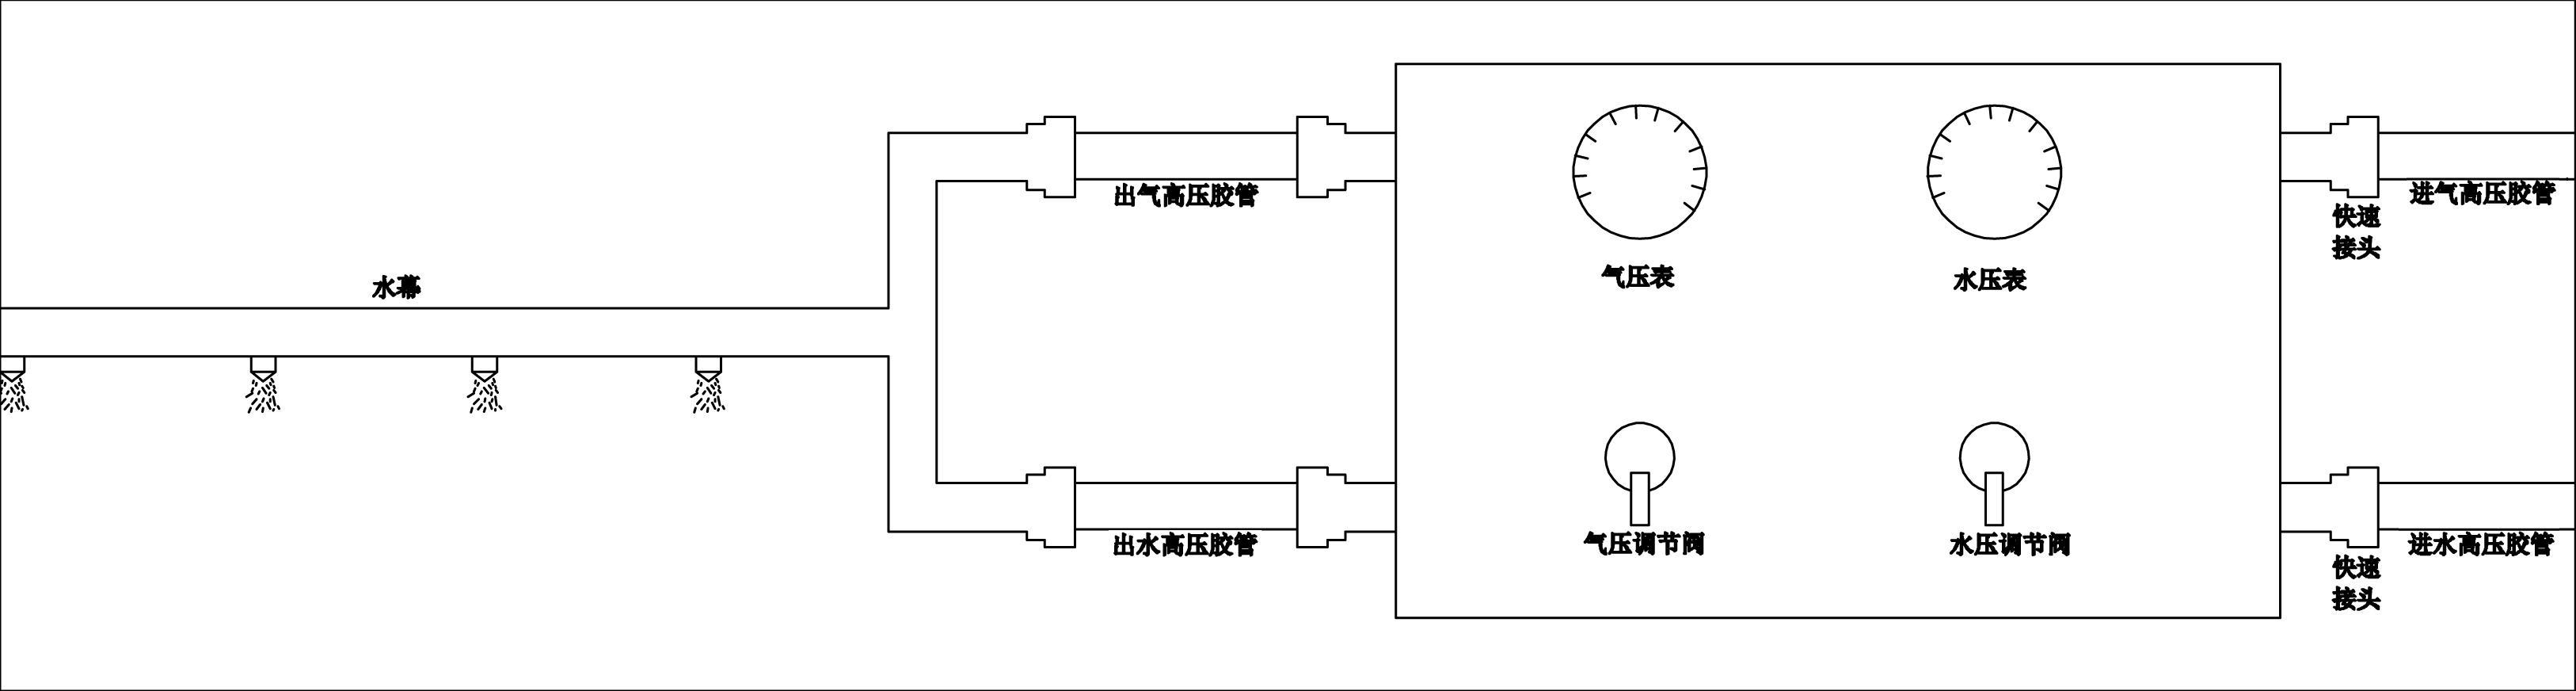 机械式转向系结构示意图